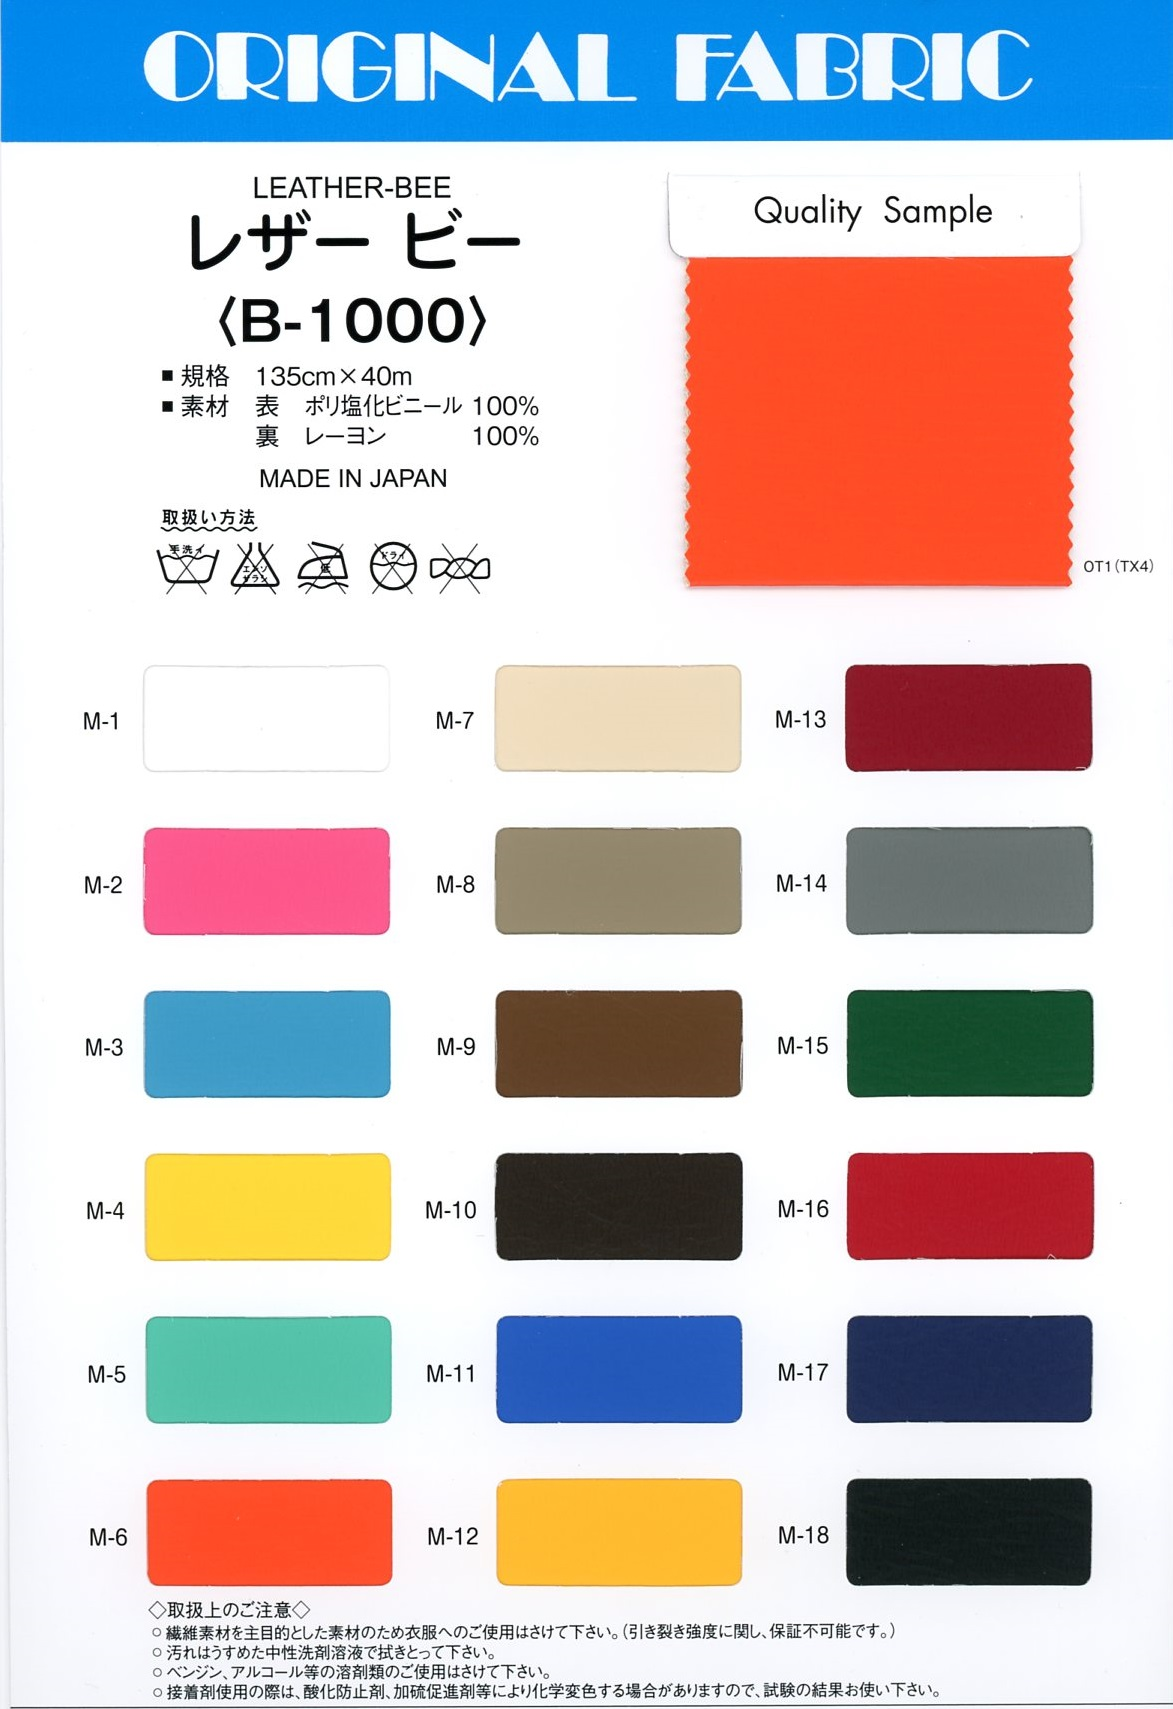 B-1000 レザー ビー[生地] Masuda(マスダ)/オークラ商事 - ApparelX アパレル資材卸通販